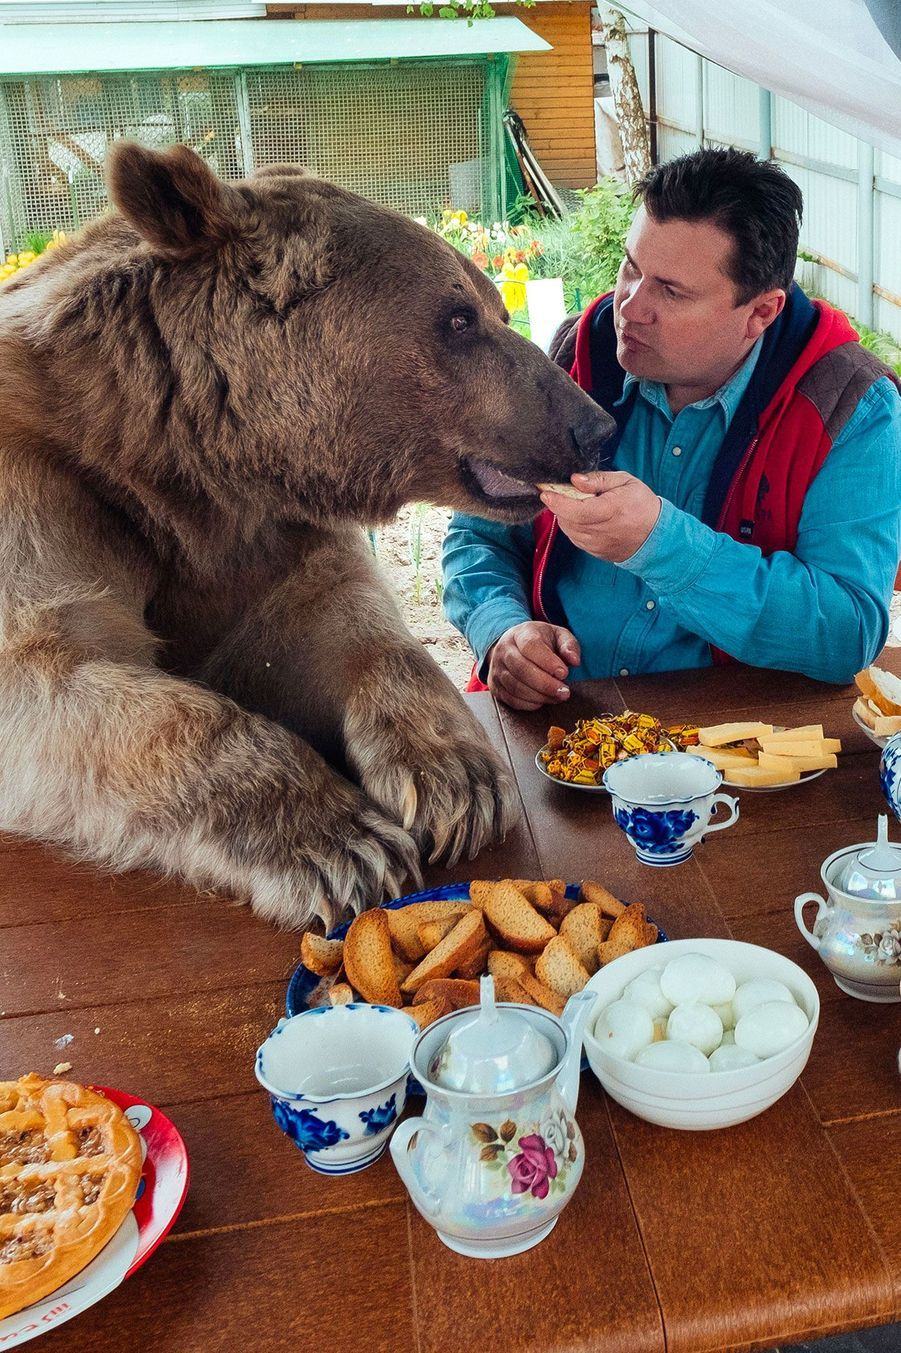 La famille Panteleeko mène la belle vie grâce à Stepan, leur ours de compagnie de 136 kilos.